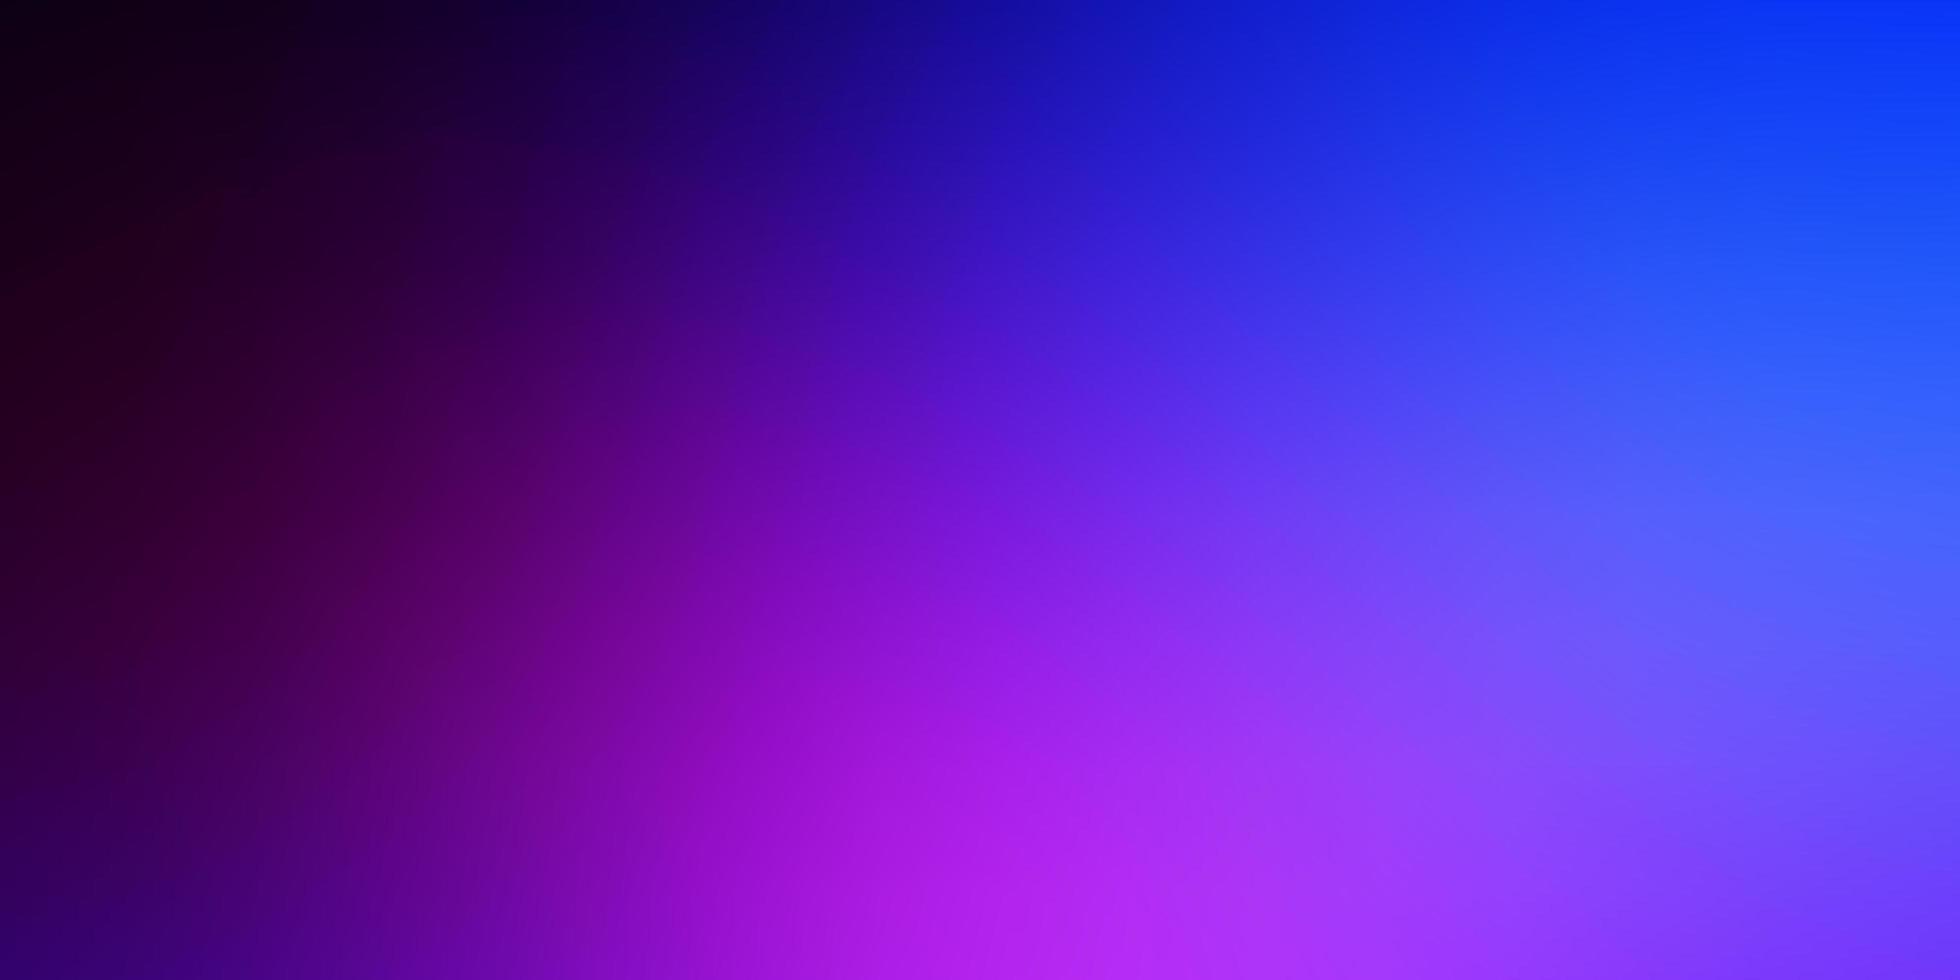 abstraktes helles Muster des dunkelrosa, blauen Vektors abstrakt. vektor